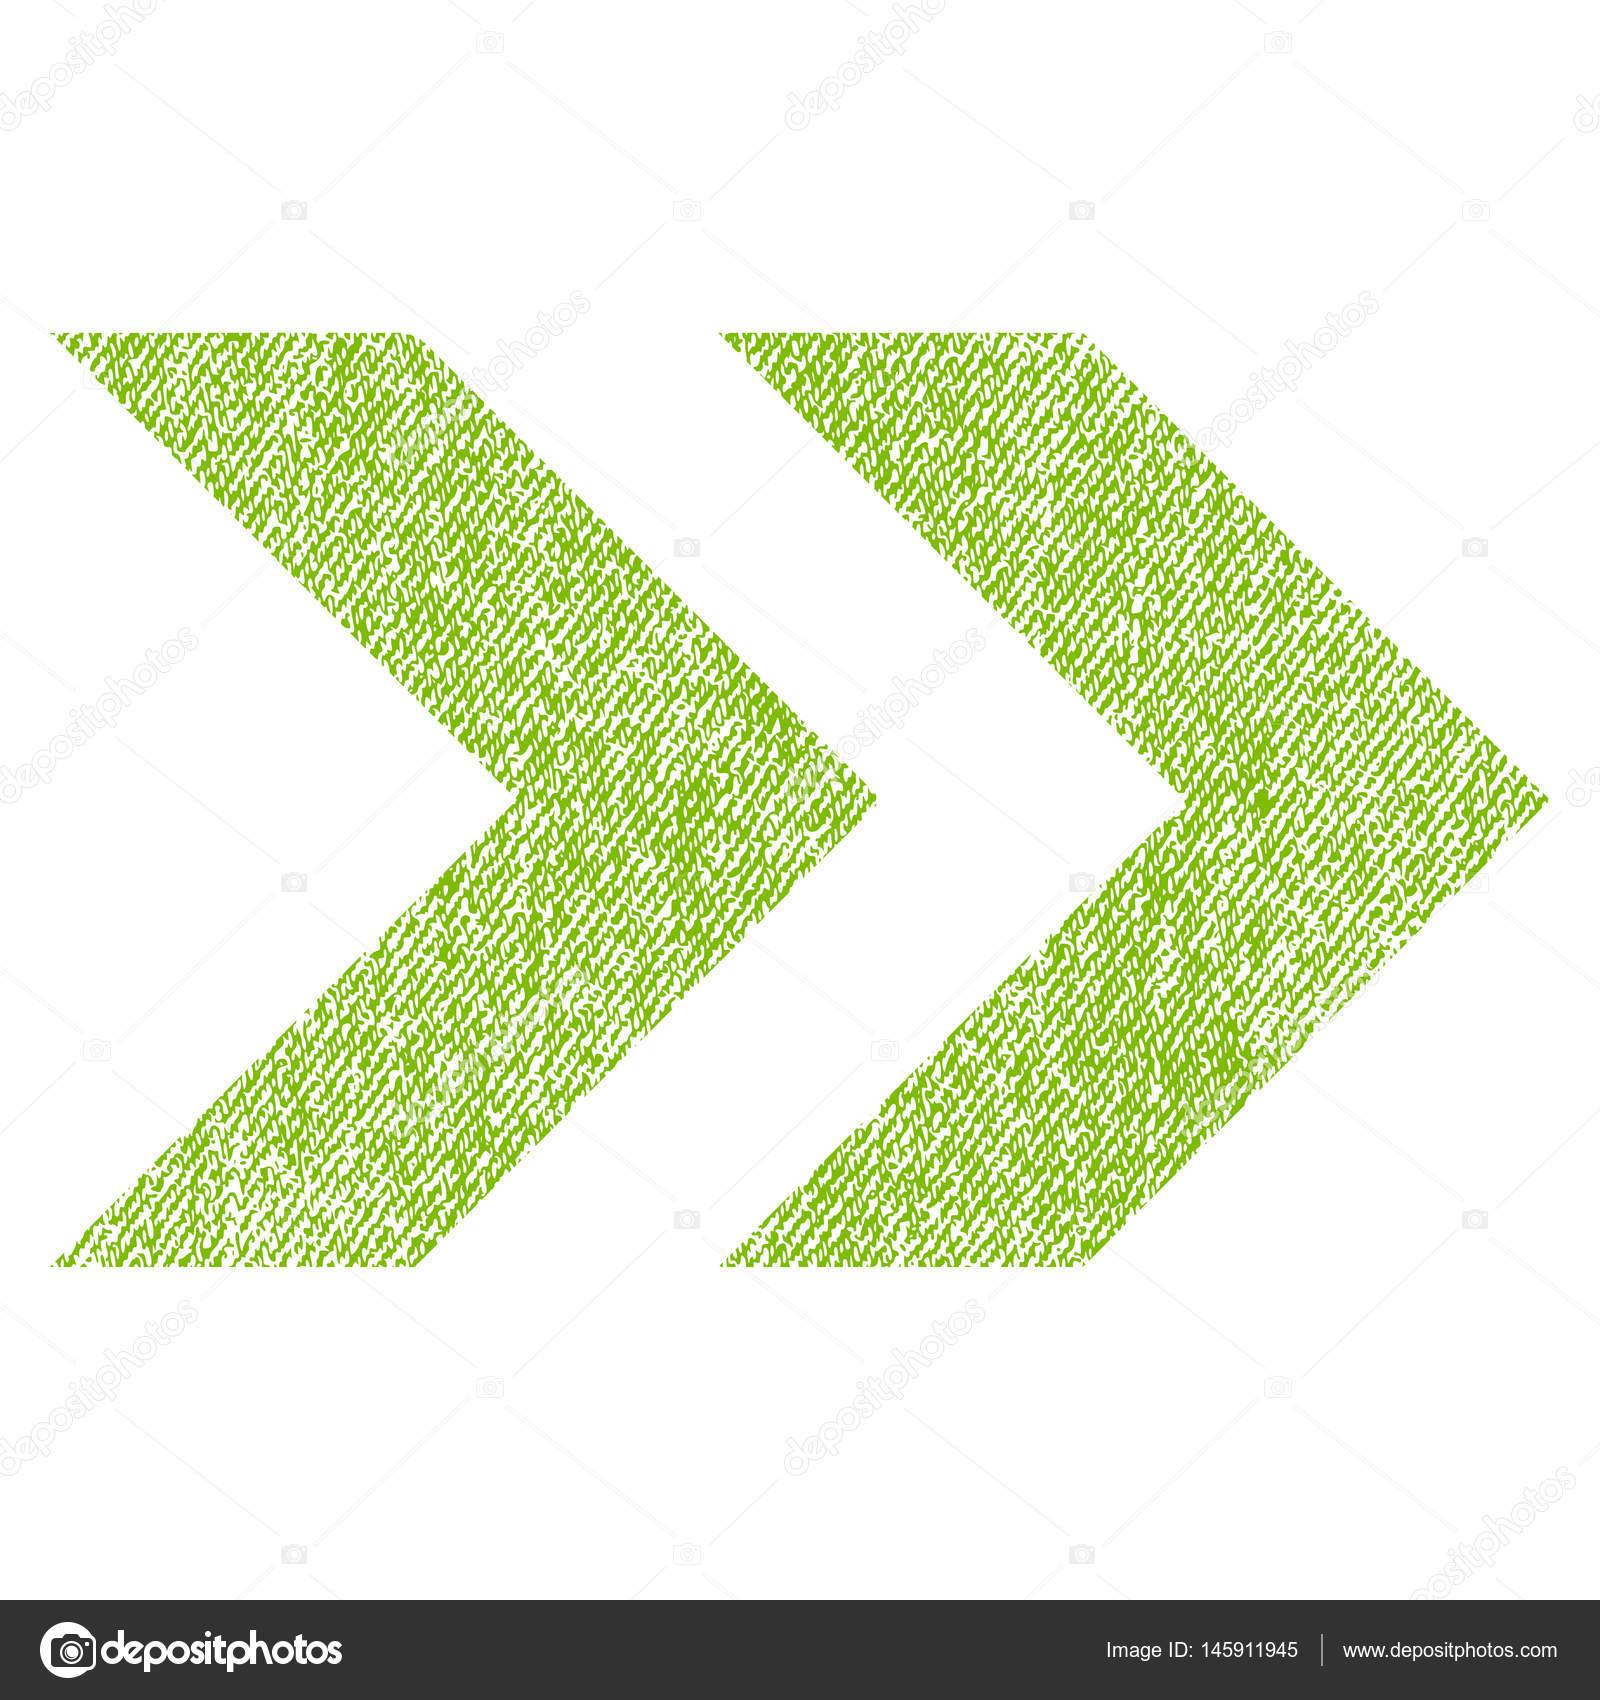 移右矢量纹理的图标叠加水印邮票.亮绿色的布料矢量纹理.图片